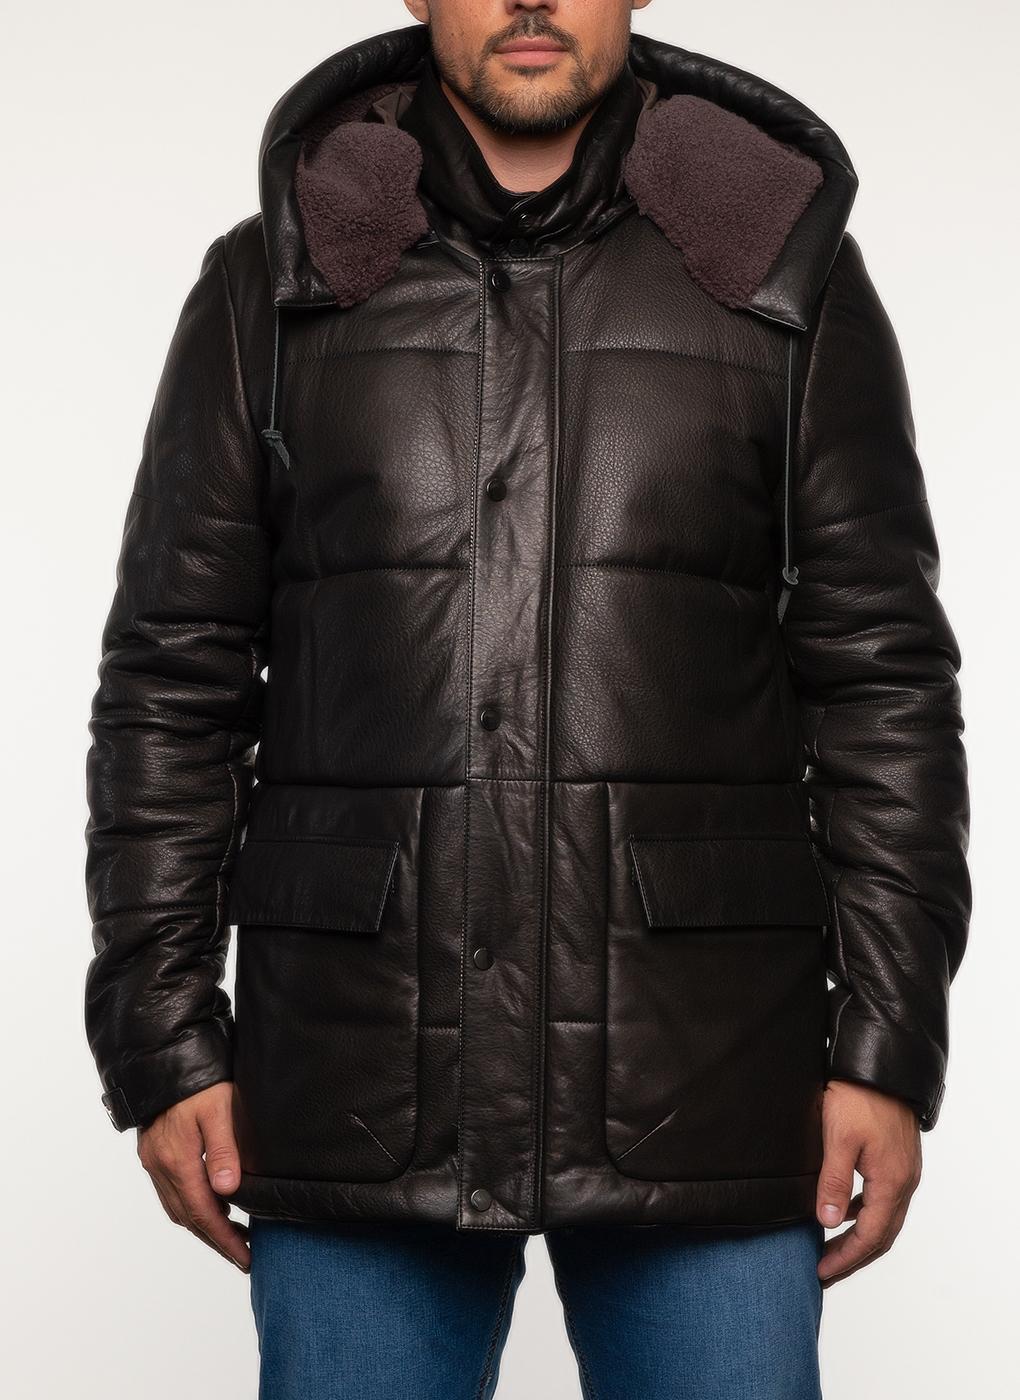 Кожаная куртка мужская утепленная 18, Perre фото